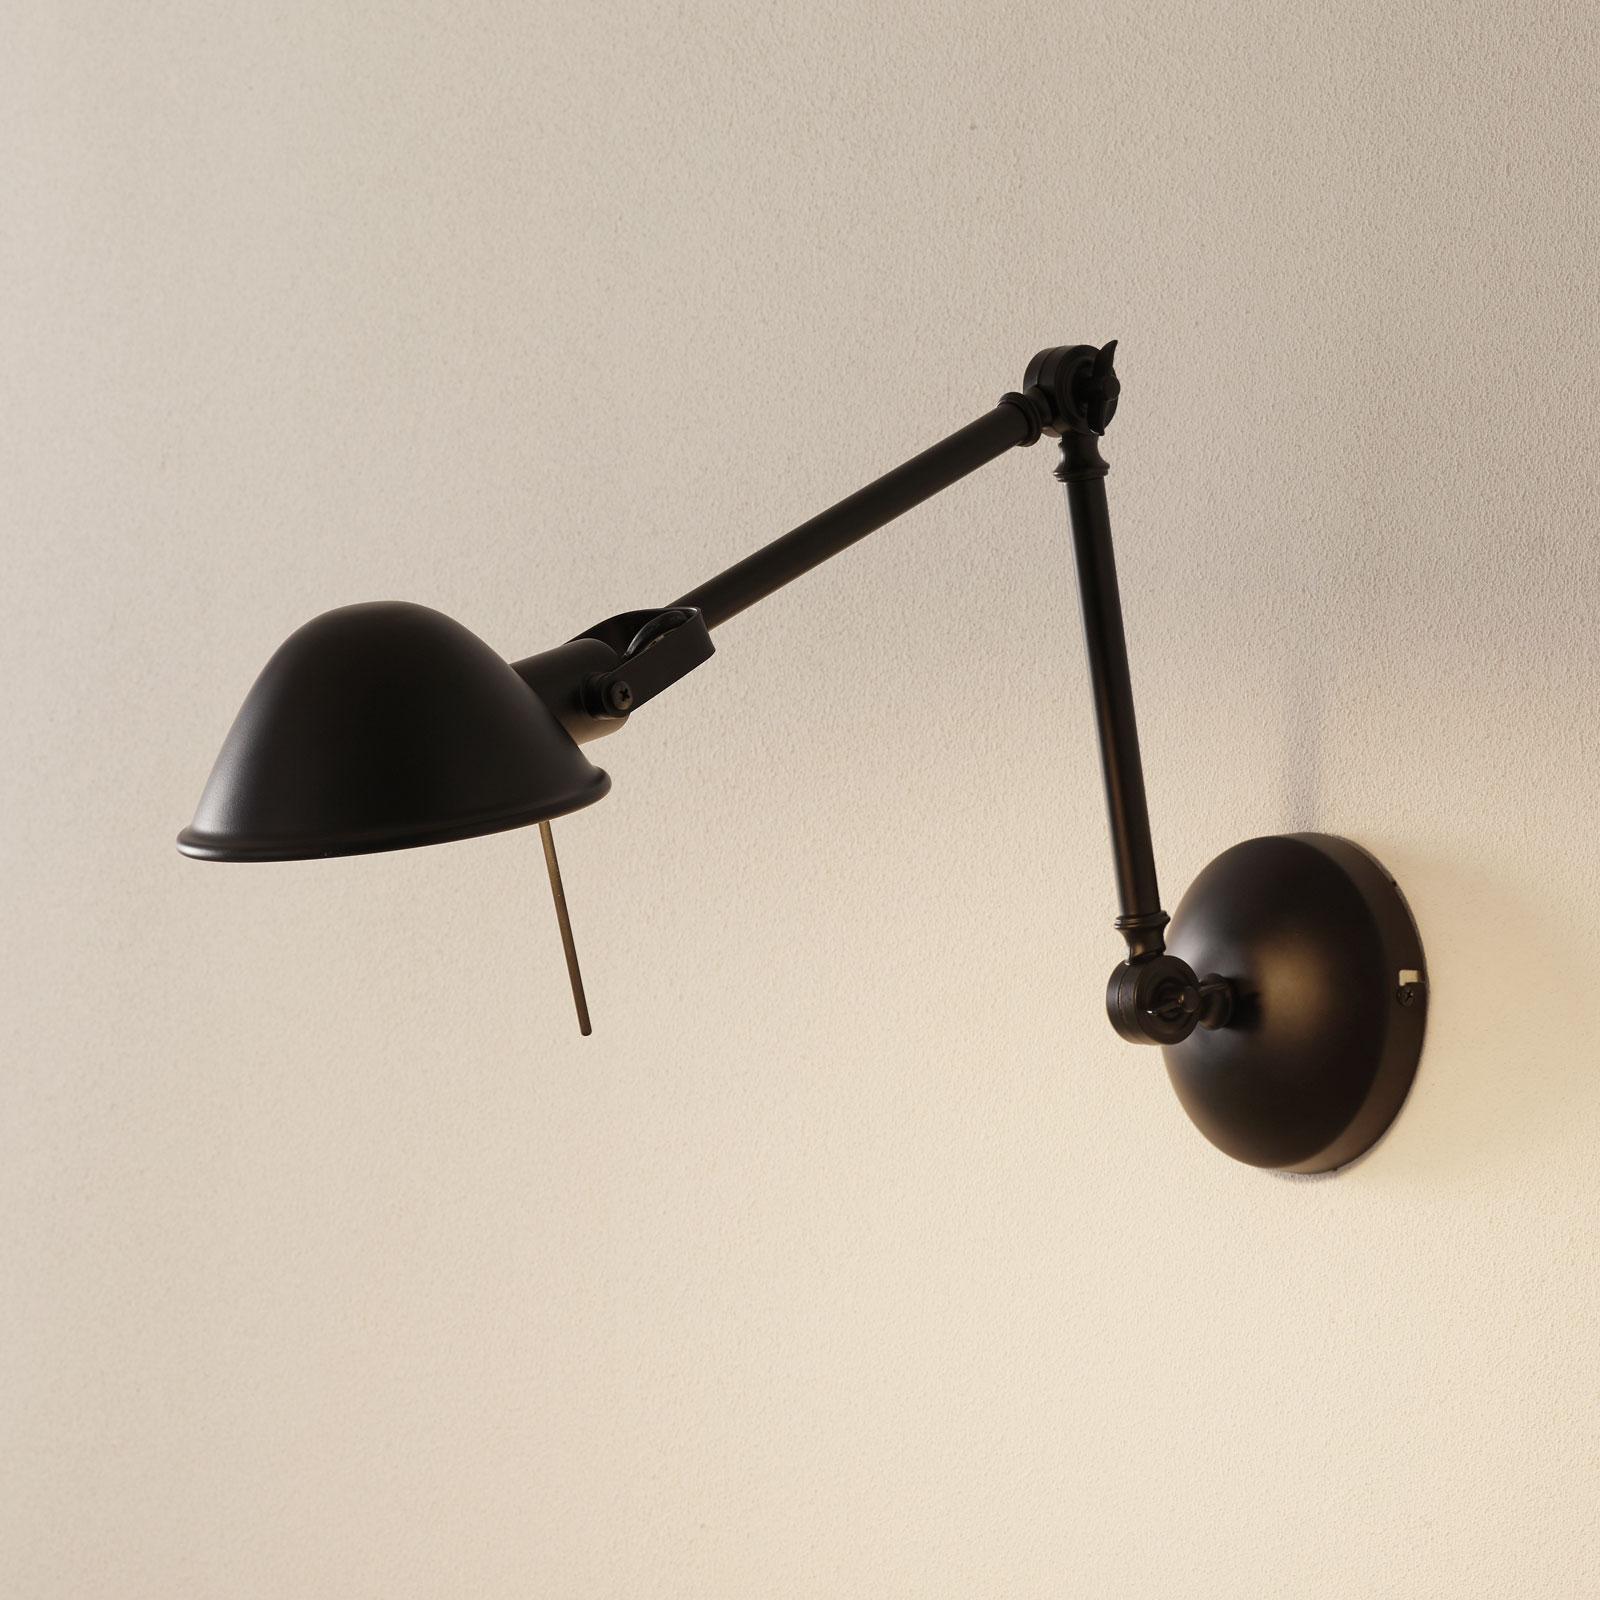 Flexibilné nástenné svietidlo Torana v čiernej_1509066_1